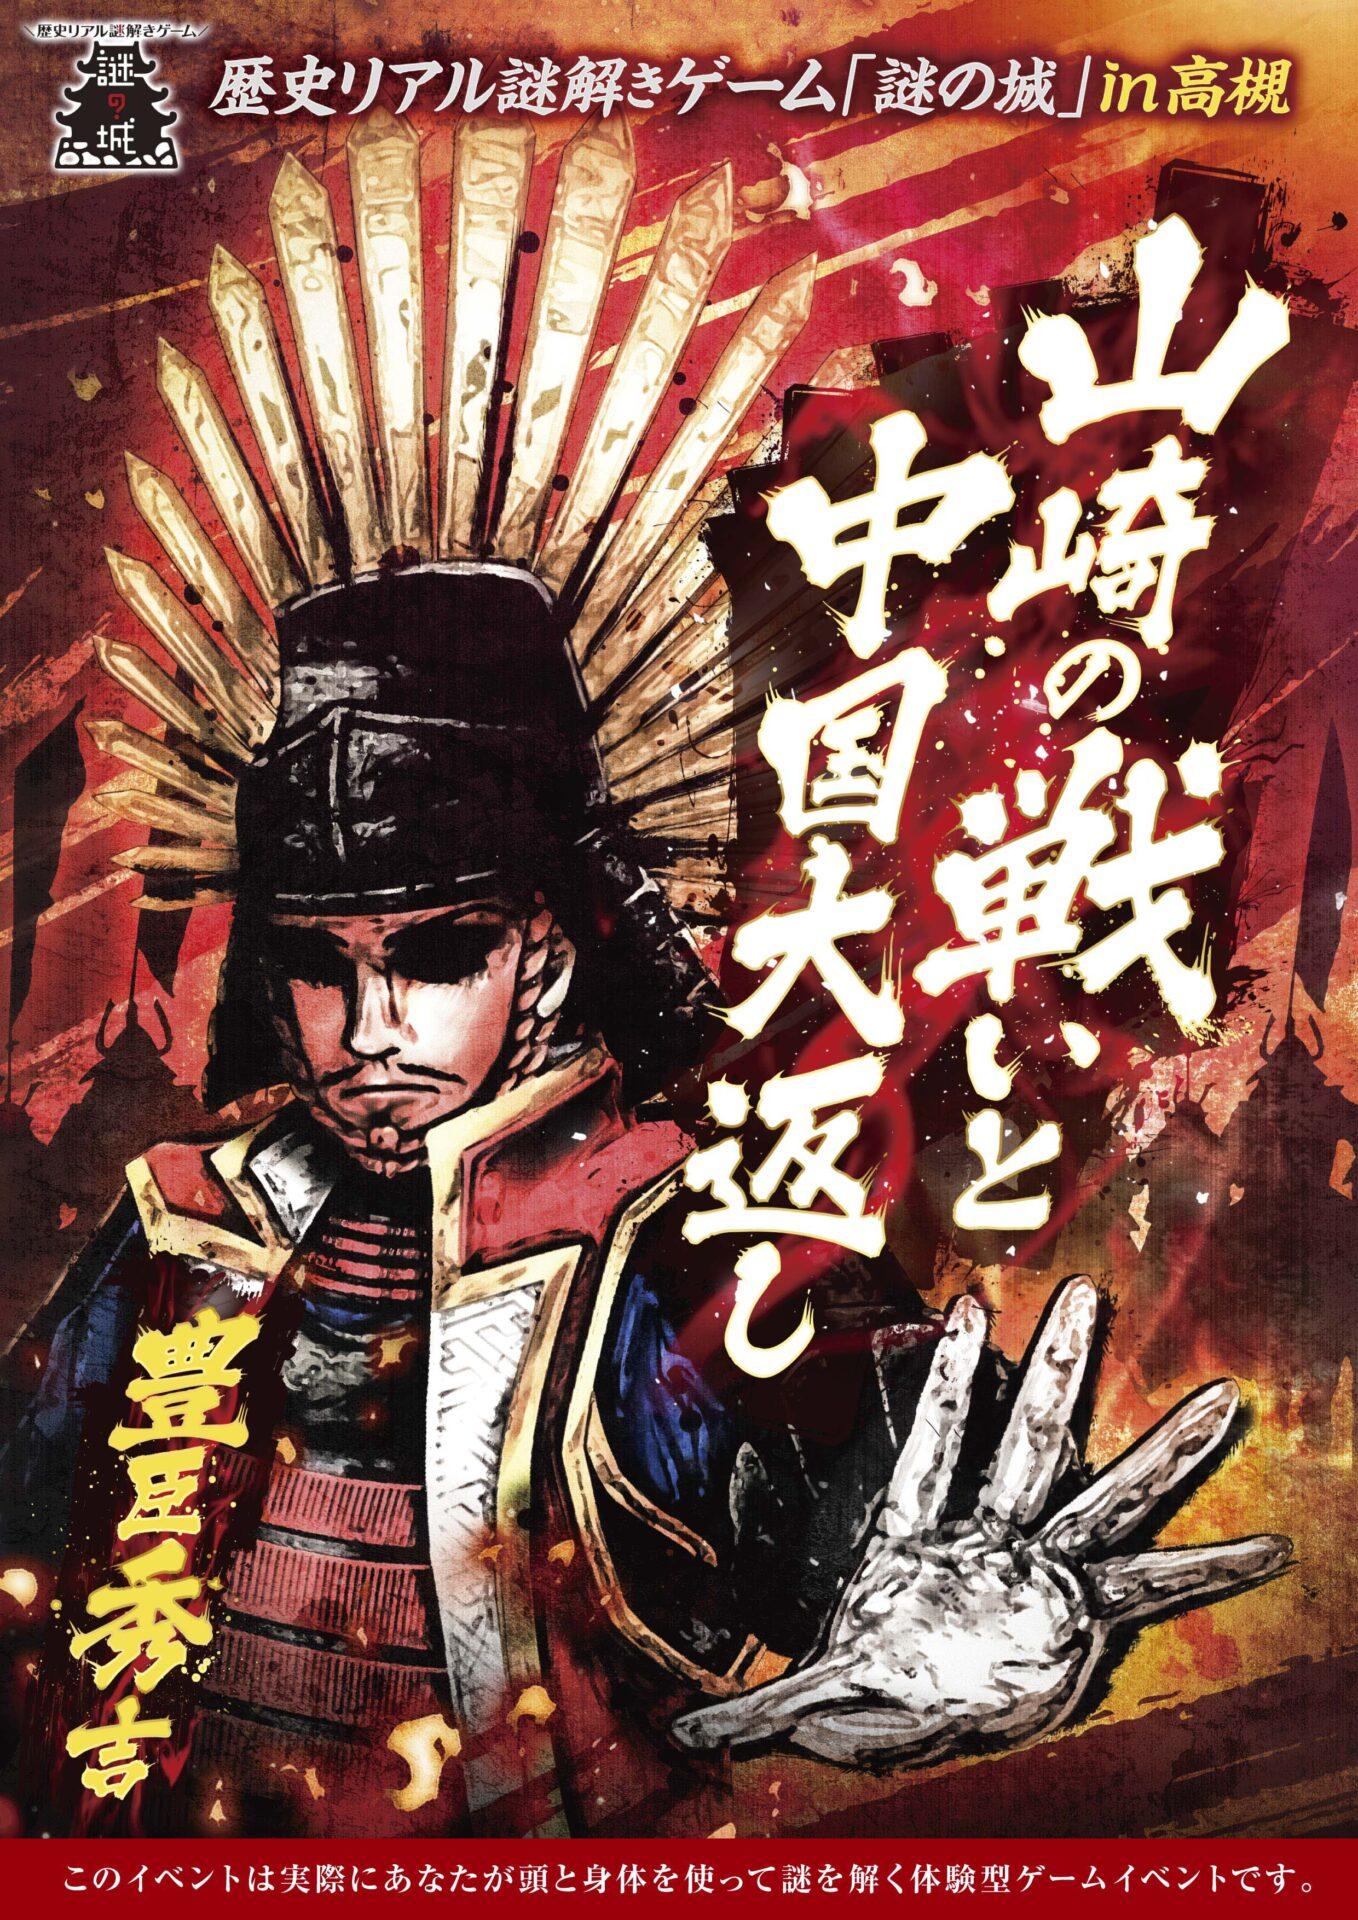 歴史リアル謎解きゲーム「謎の城」in高槻 山崎の戦いと中国大返し